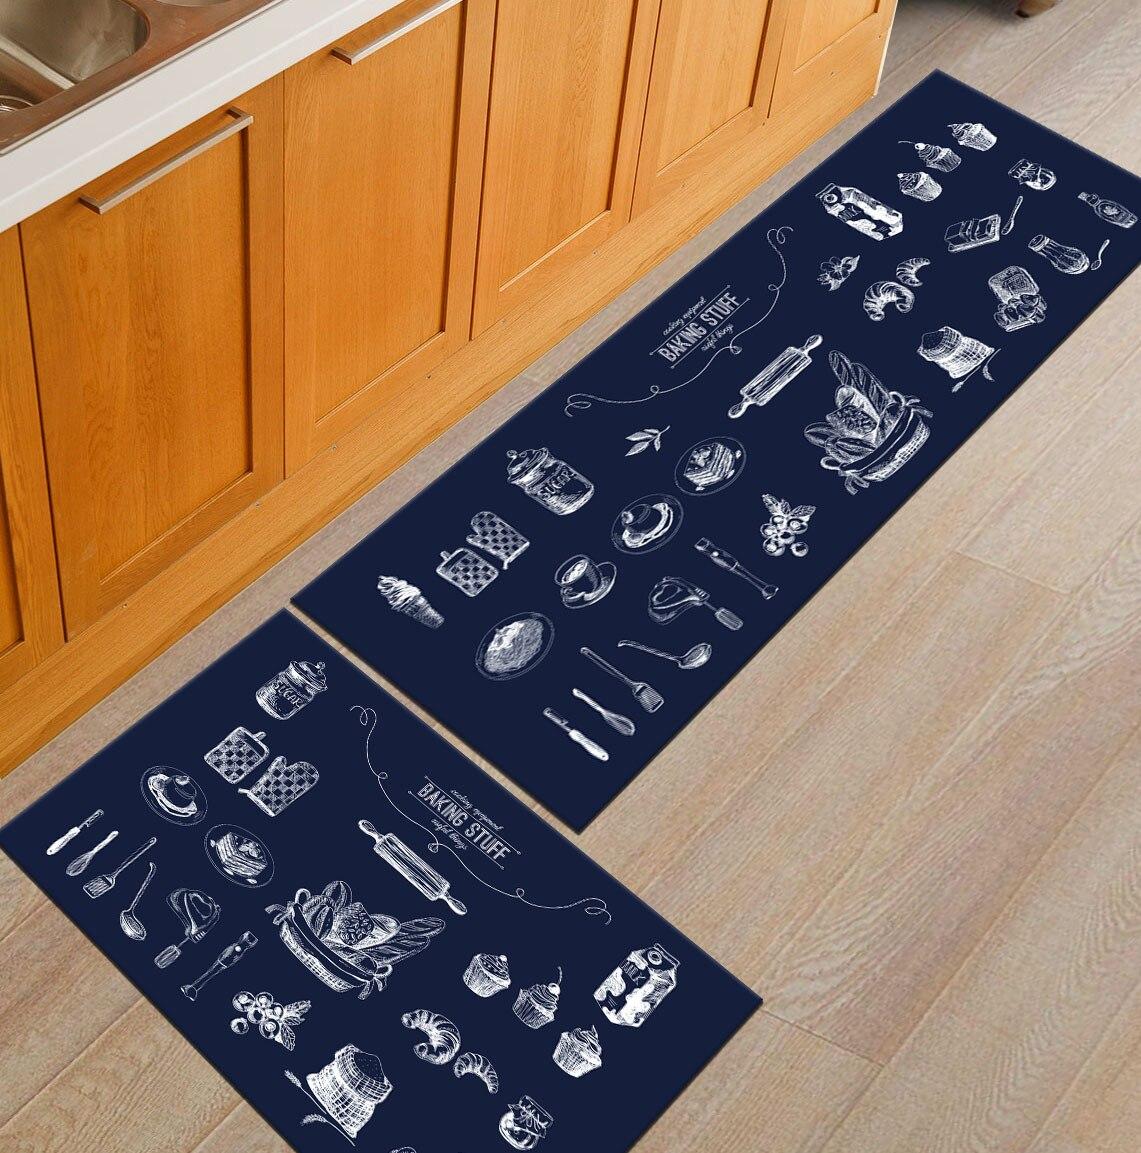 Utensili da cucina Pavimento Stampato Tappeti Per Cucina Bagno ...